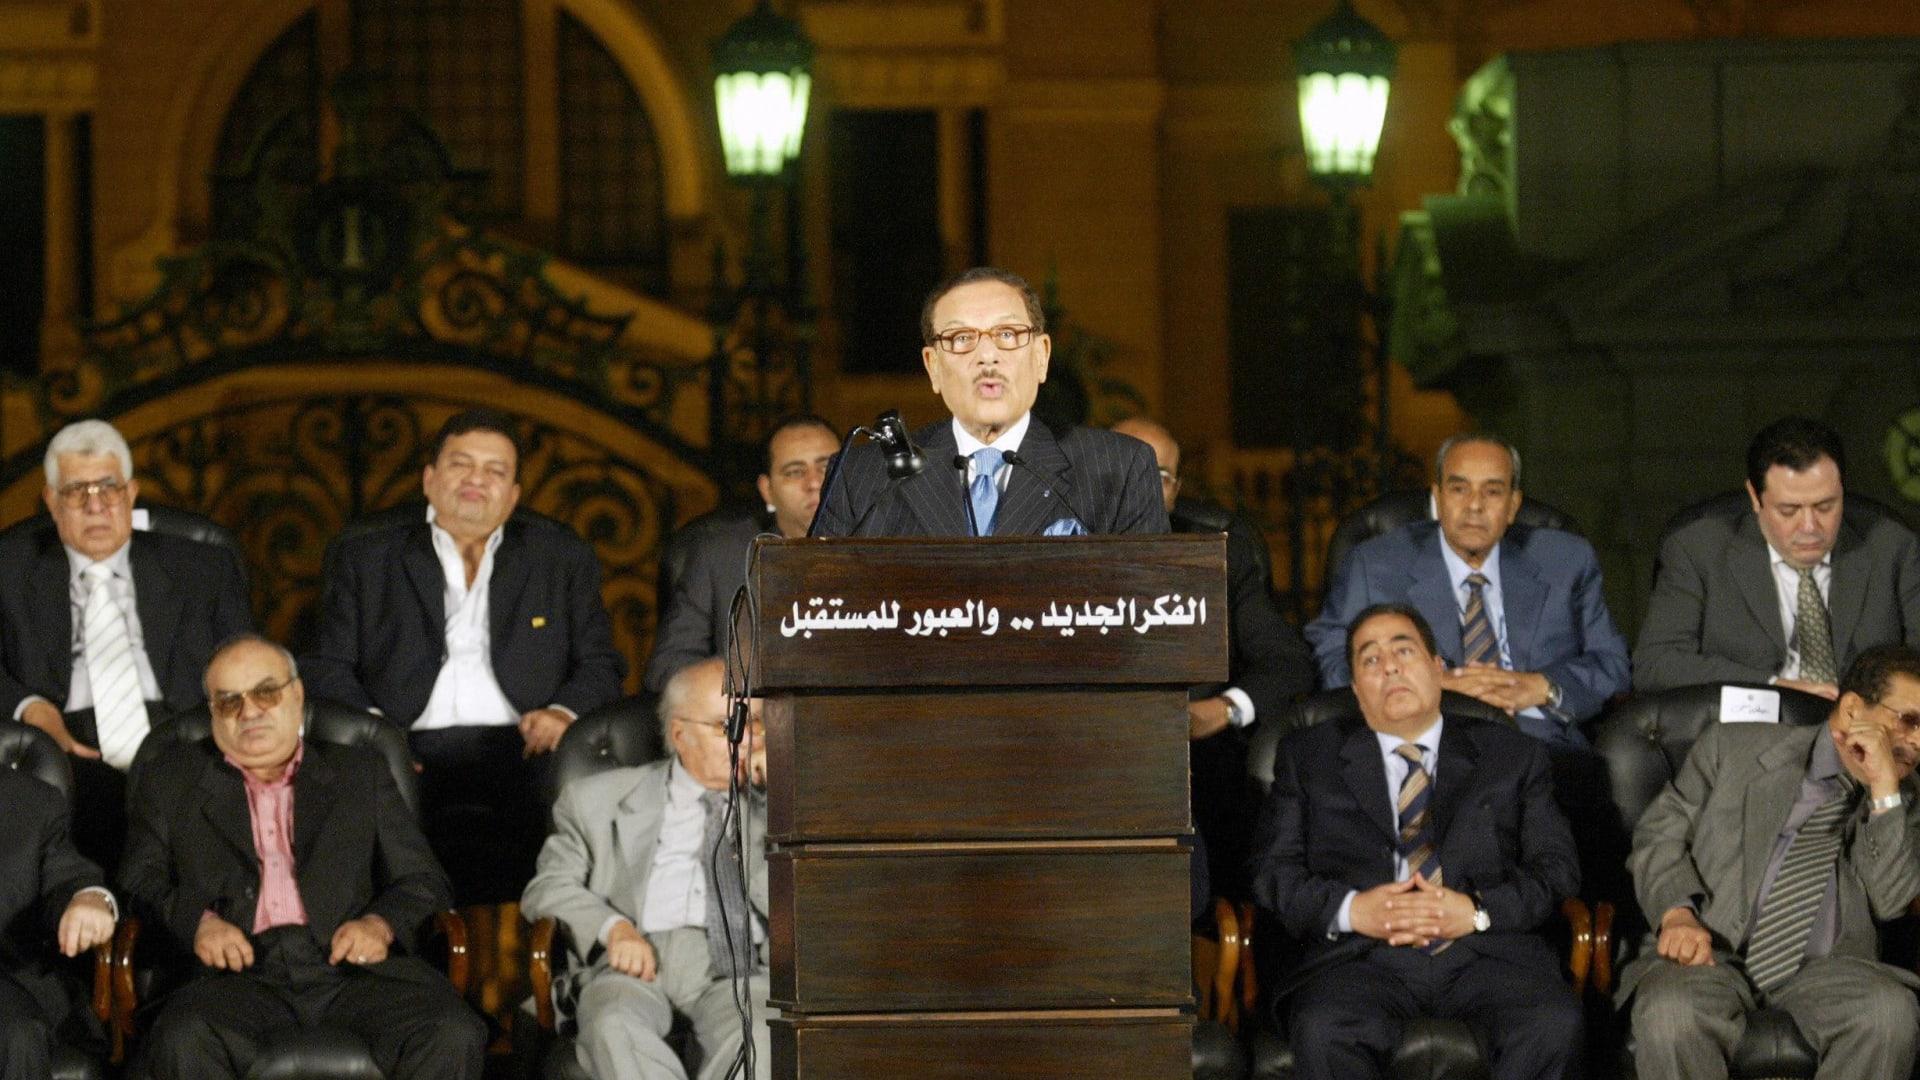 وفاة صفوت الشريف وزير الإعلام ورئيس مجلس الشورى المصري السابق